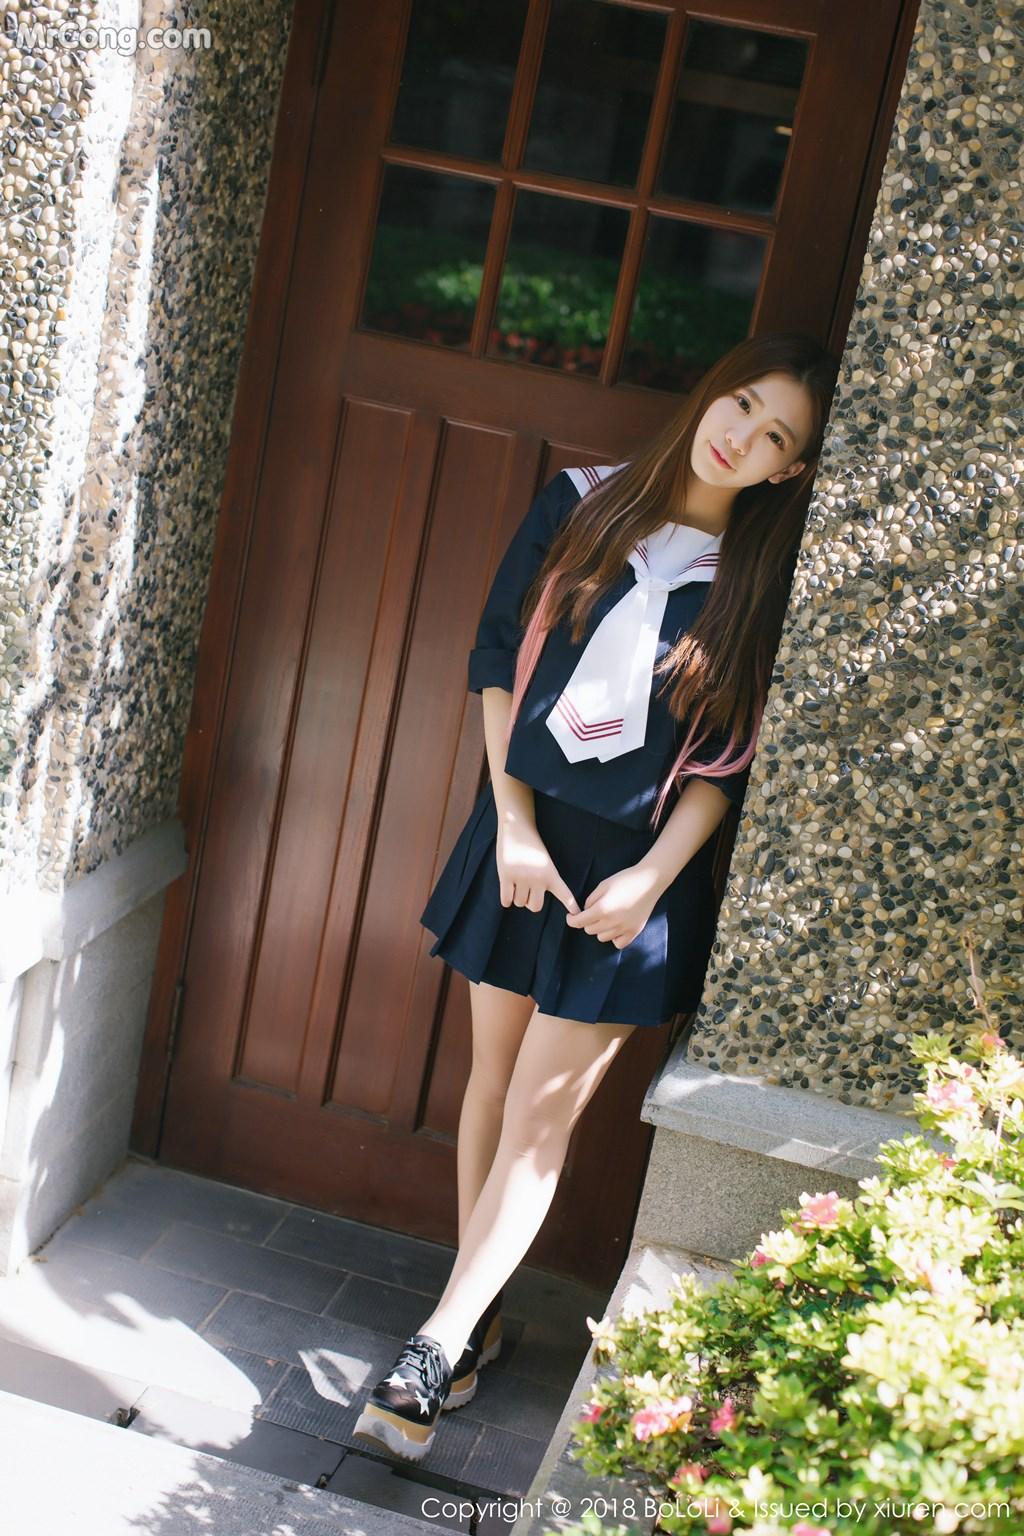 Image Tukmo-Vol.107-Dong-Chen-Li-MrCong.com-001 in post Tukmo Vol.107: Người mẫu Dong Chen Li (董成丽) (43 ảnh)